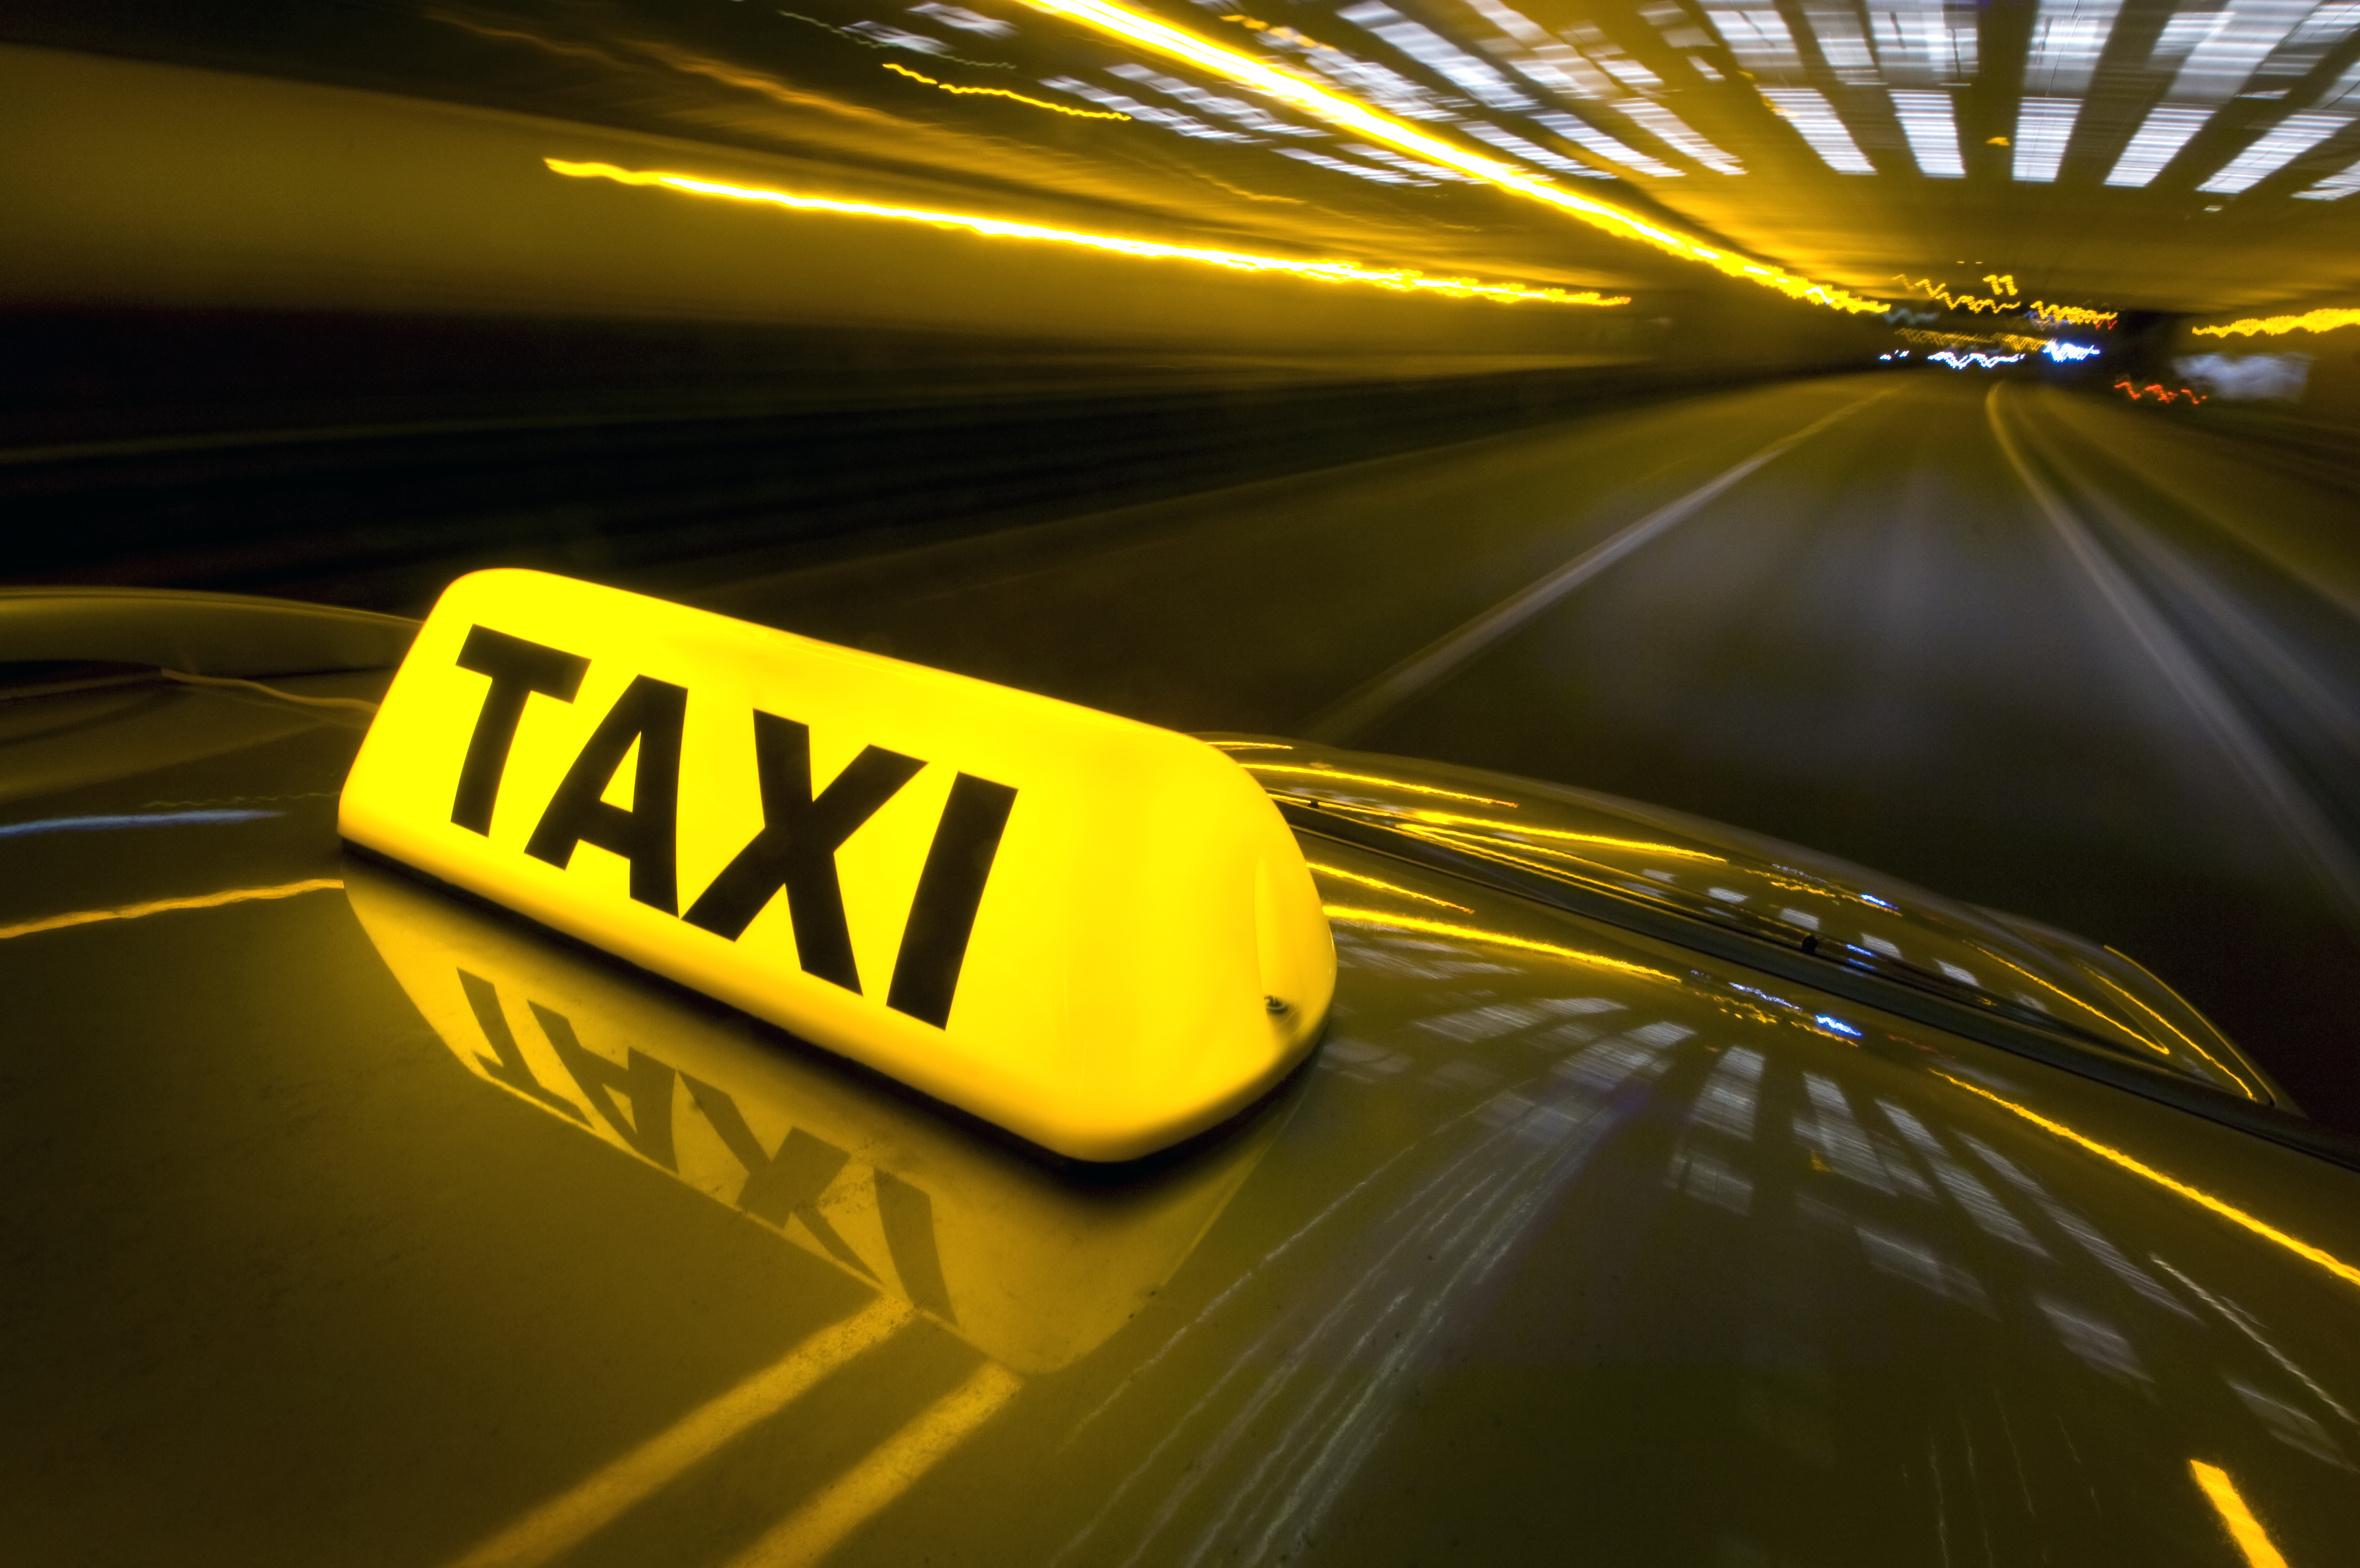 Γίνε Οδηγός Ταξί στη Γερμανία